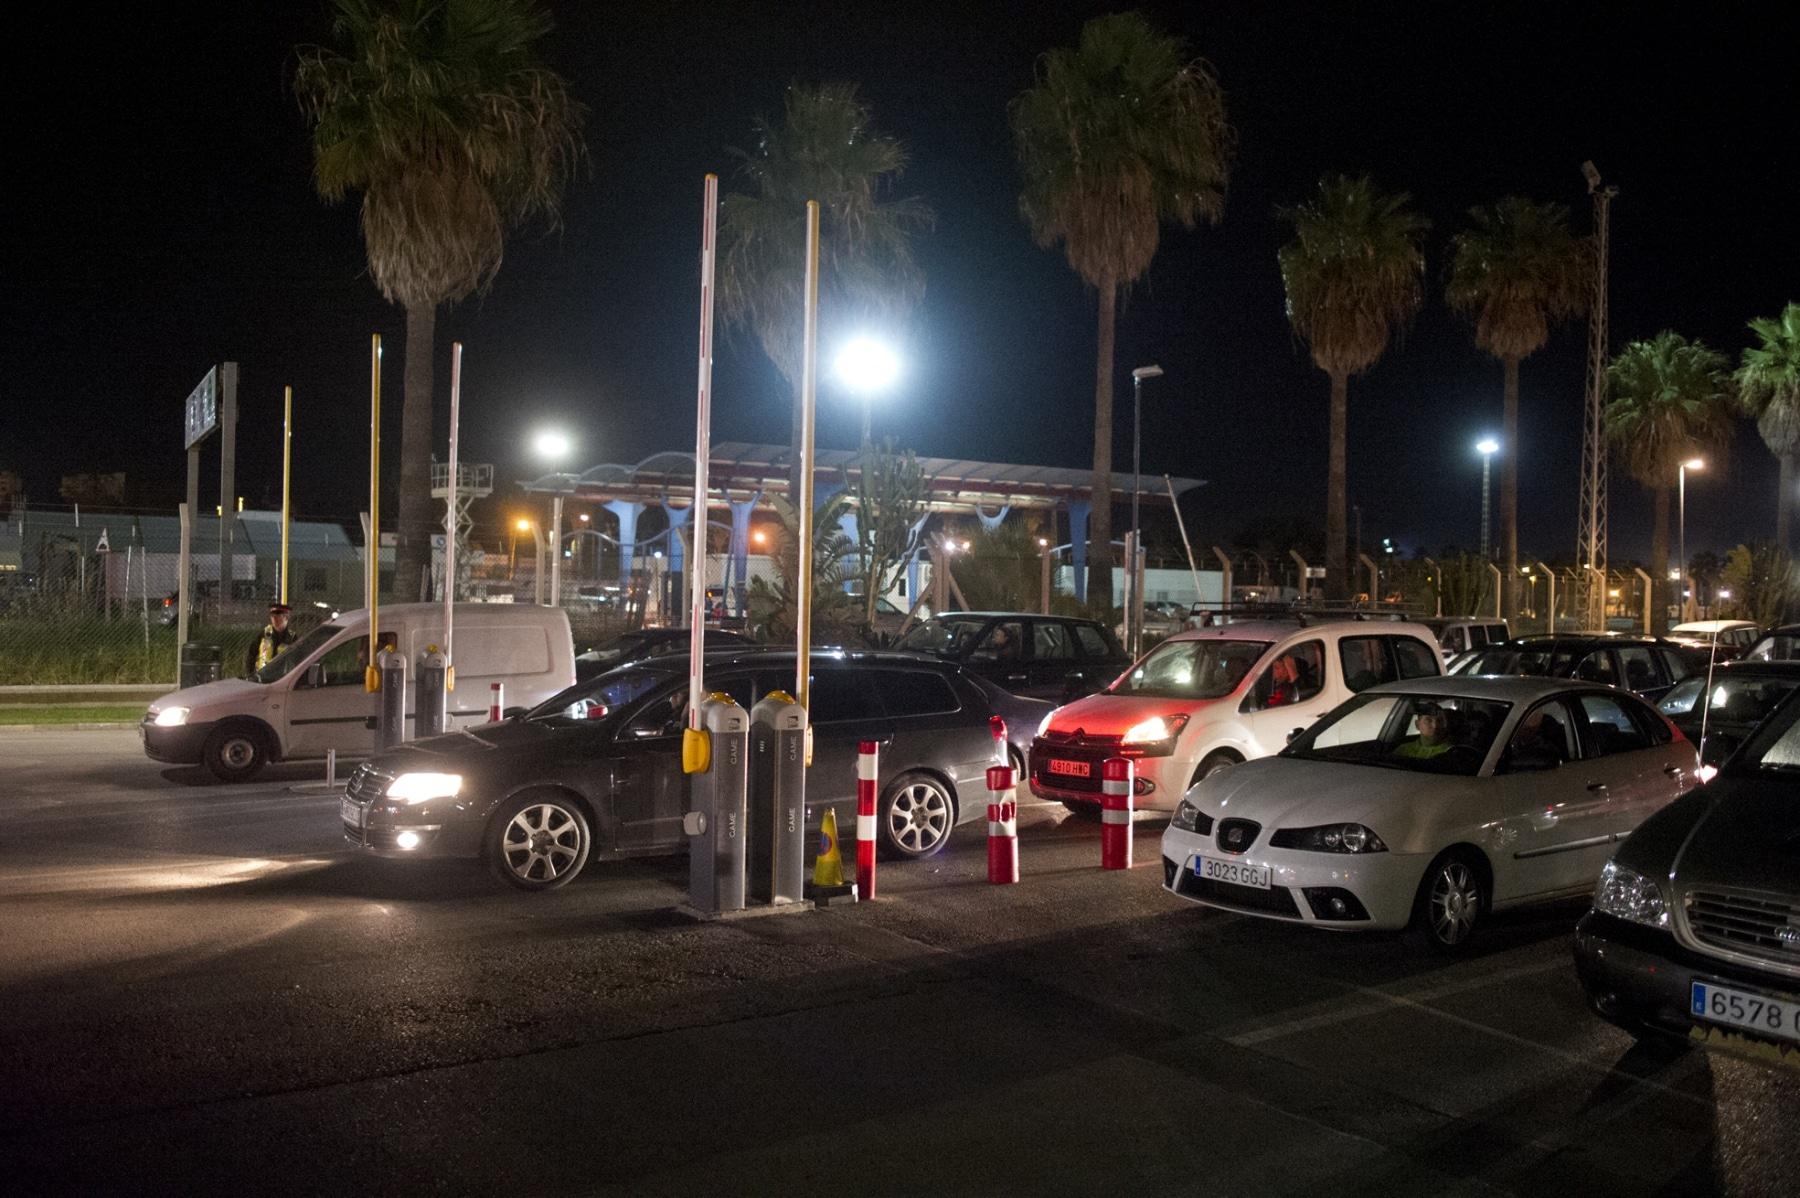 25-noviember-2014-cola-de-salida-gibraltar-01_15694998498_o